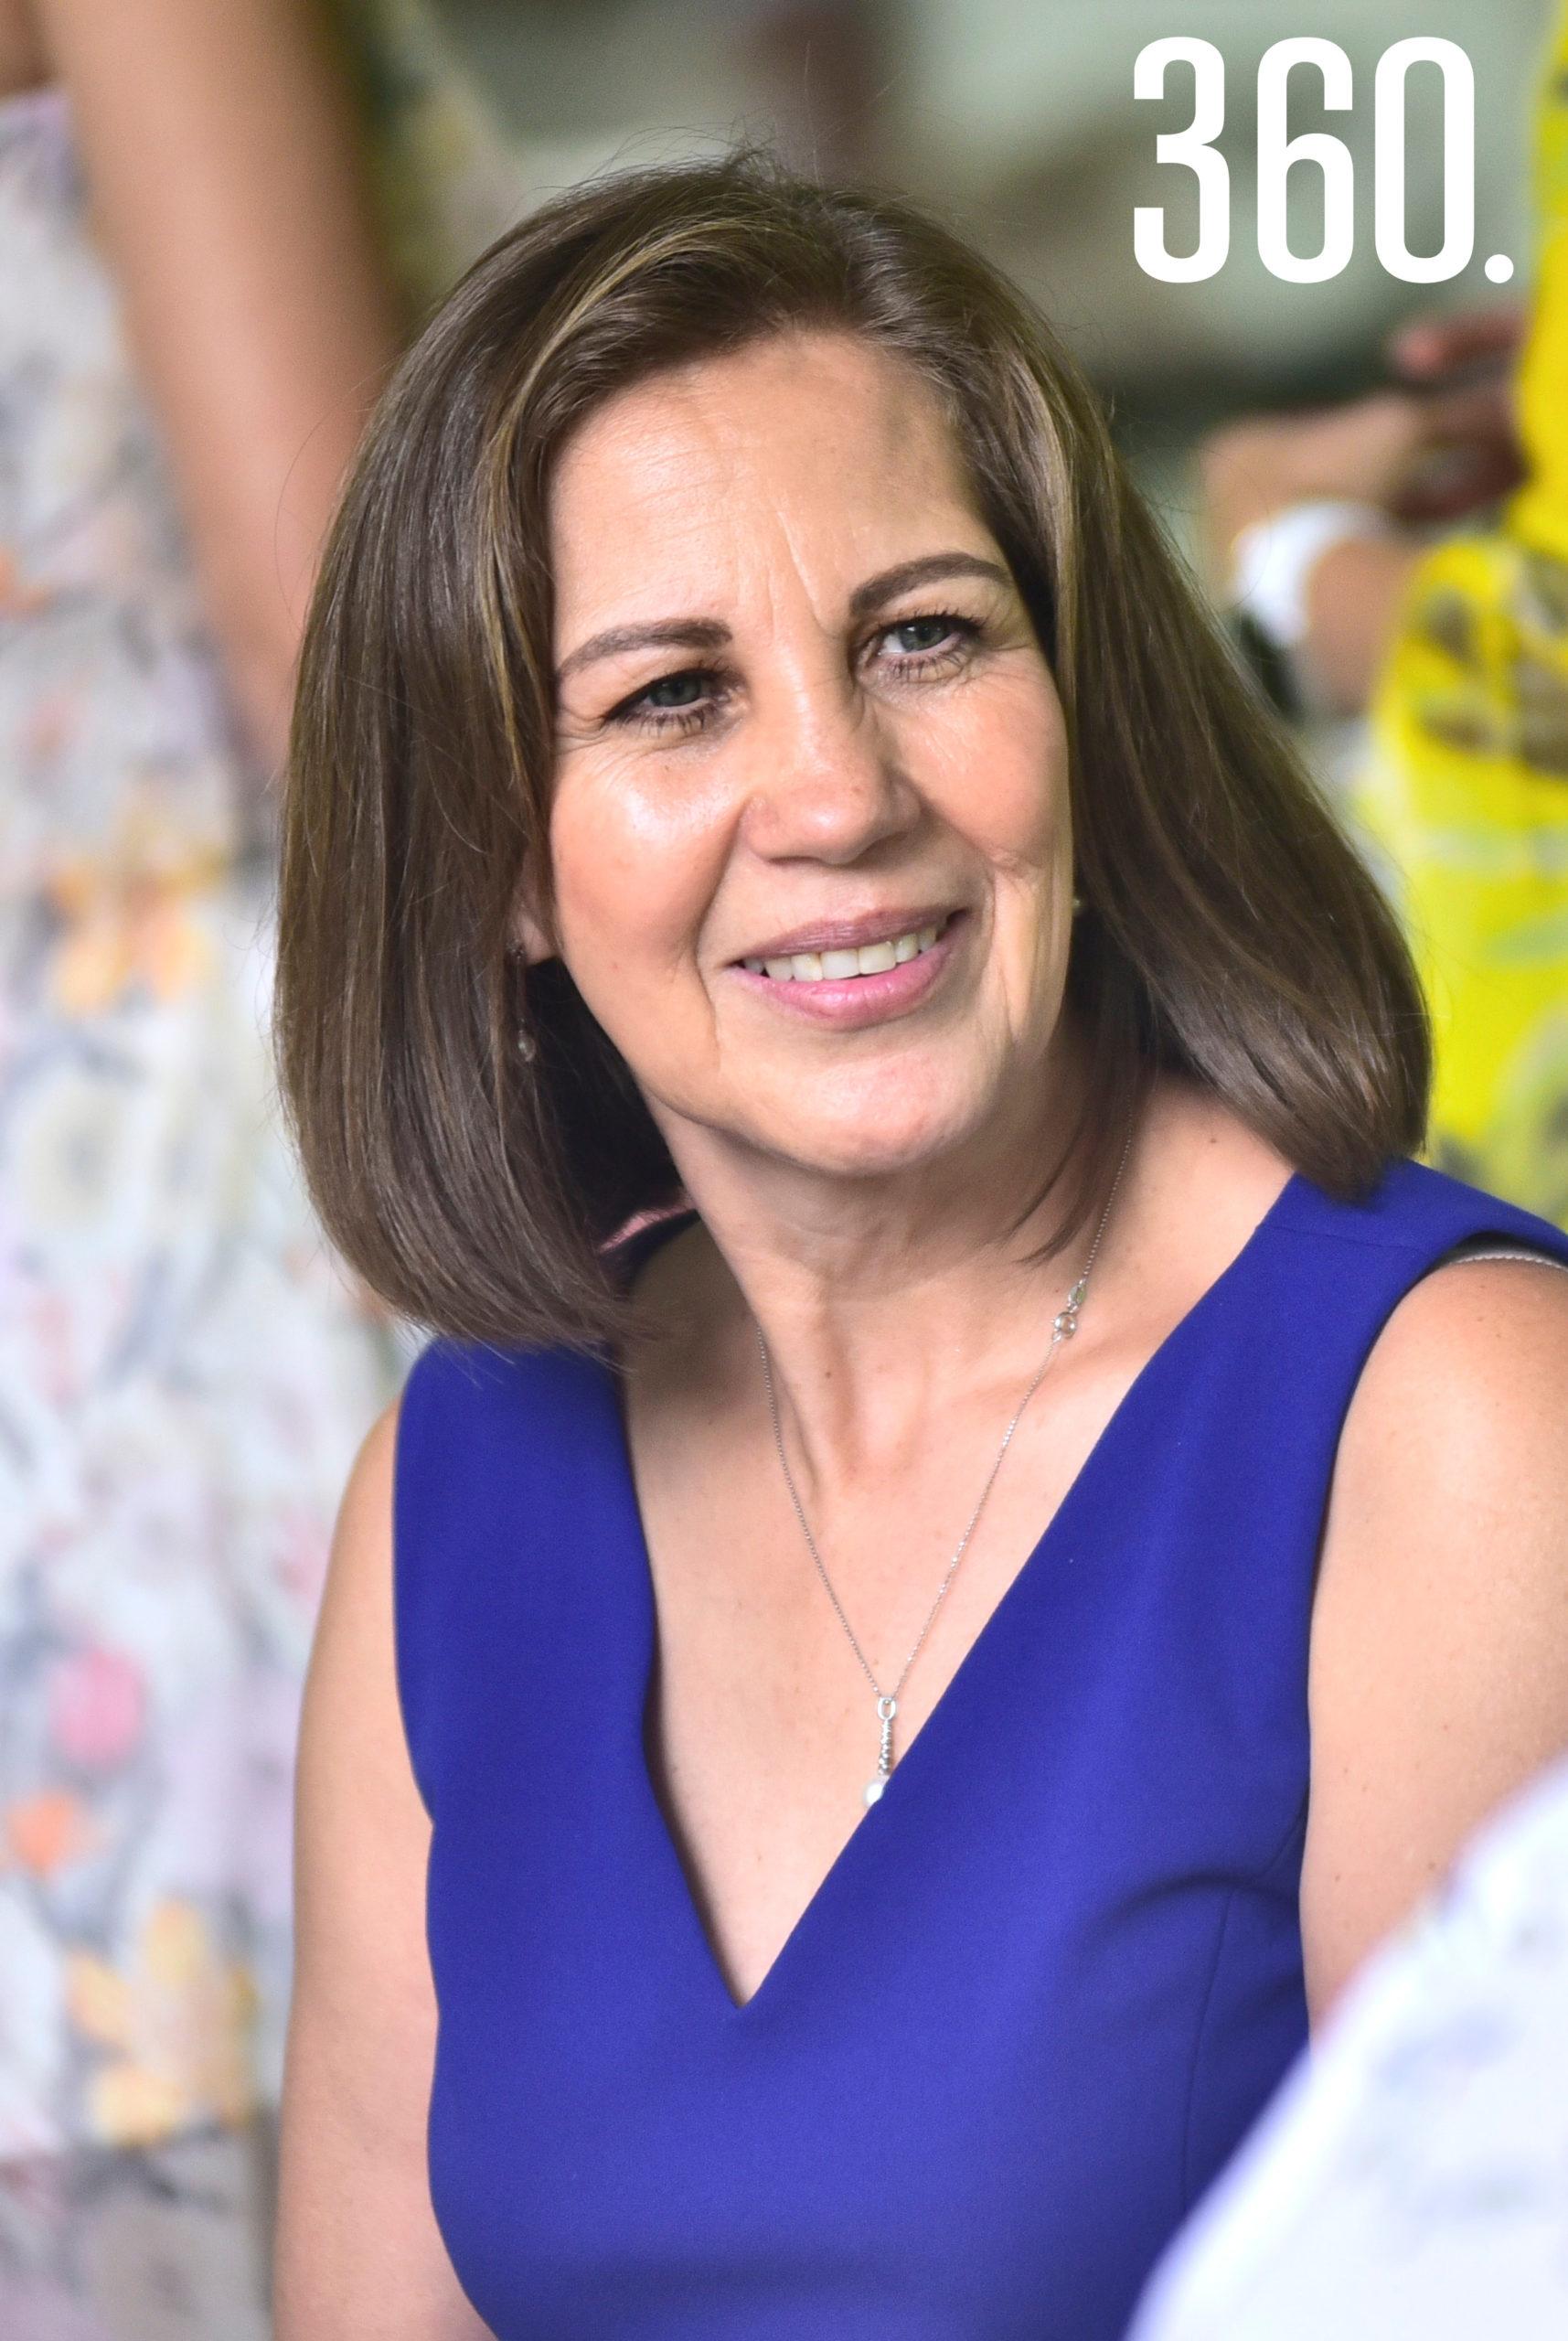 Magdalena Arsuaga